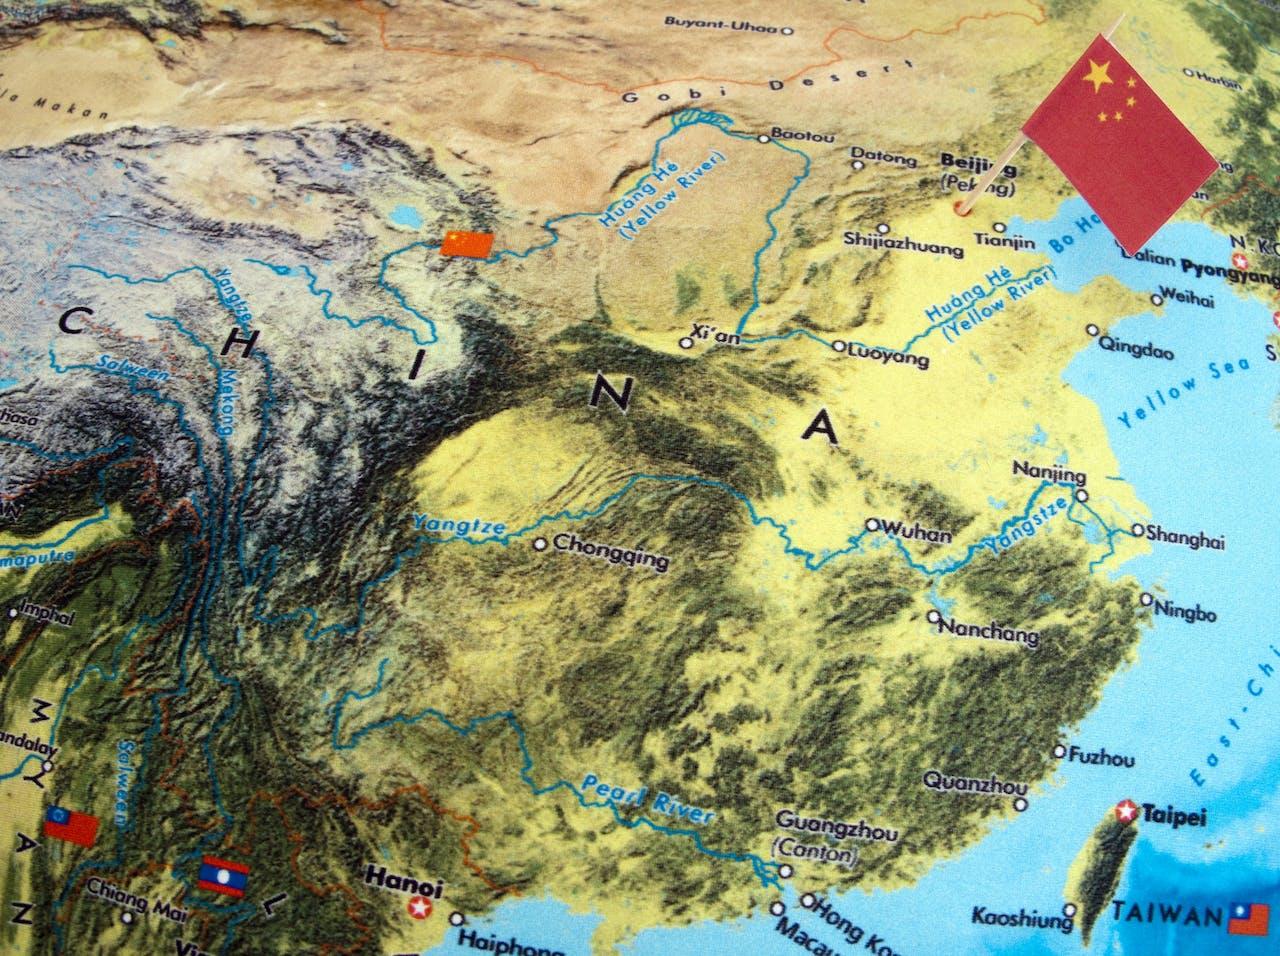 China Wil Graag Landen Voor Zijn Karretje Spannen Bnr